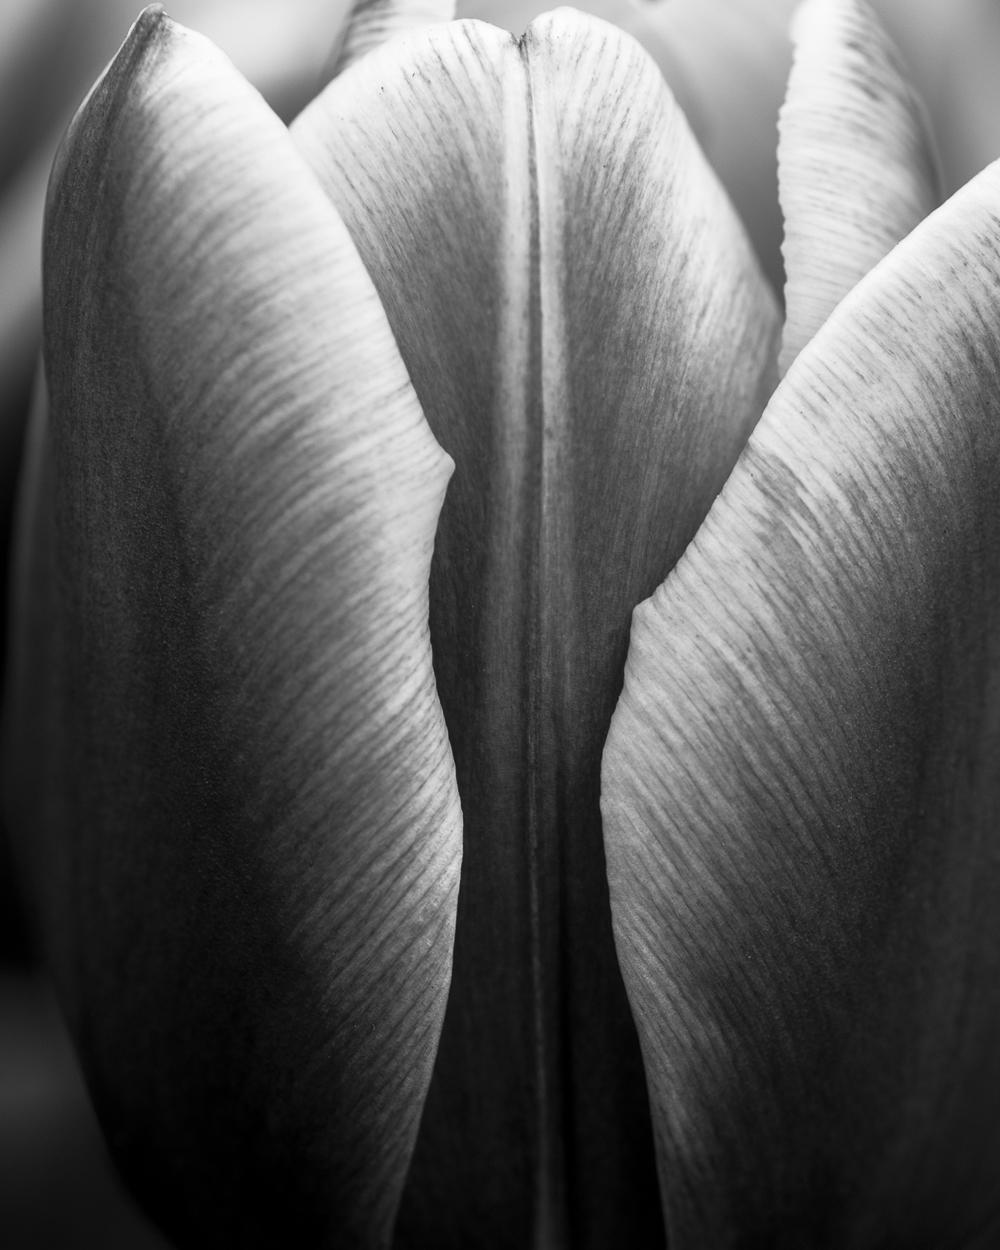 Tulip # 11